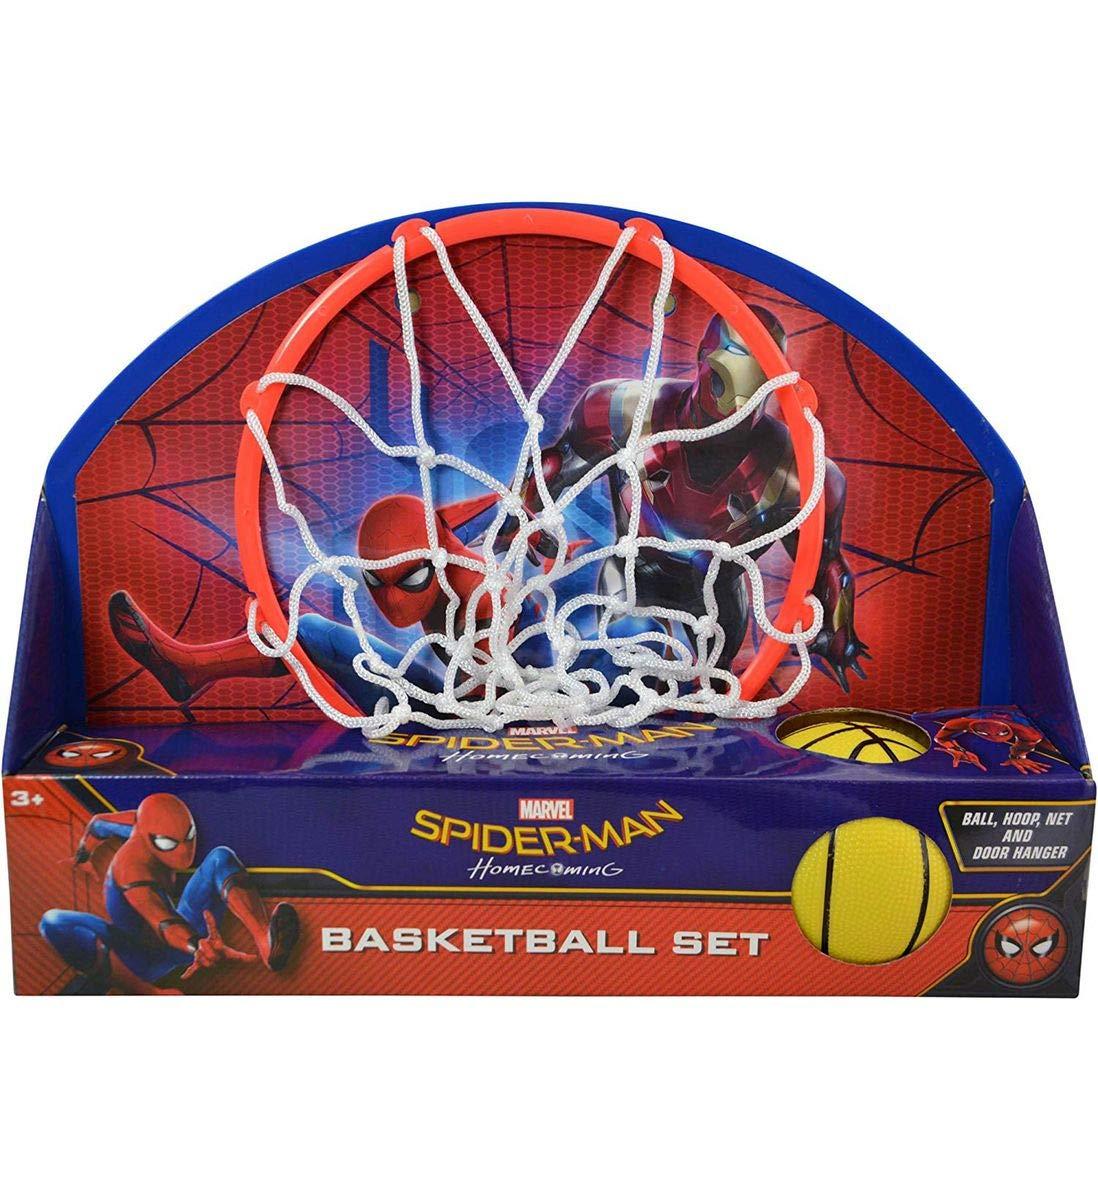 Mozlly マルチパック マーベルコミックス スパイダーマン ホームカミングバスケットボールセット ボール、フープ、ネット、ドアハンガー付き スポーツアクセサリー (3個セット) B07JGK37NR